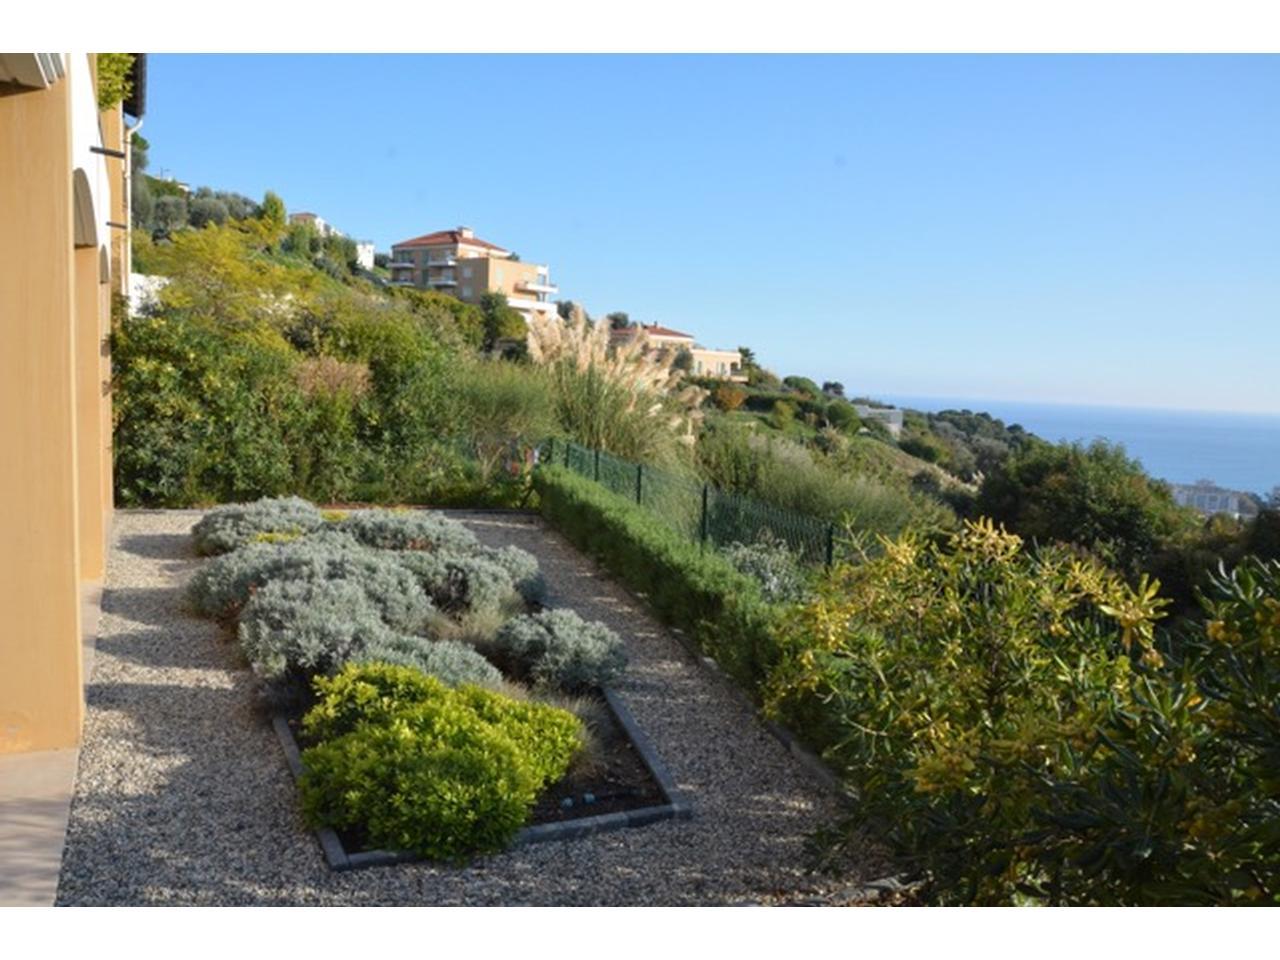 Vente appartement nice immobilier nice vue mer for Appartement rez de jardin nice